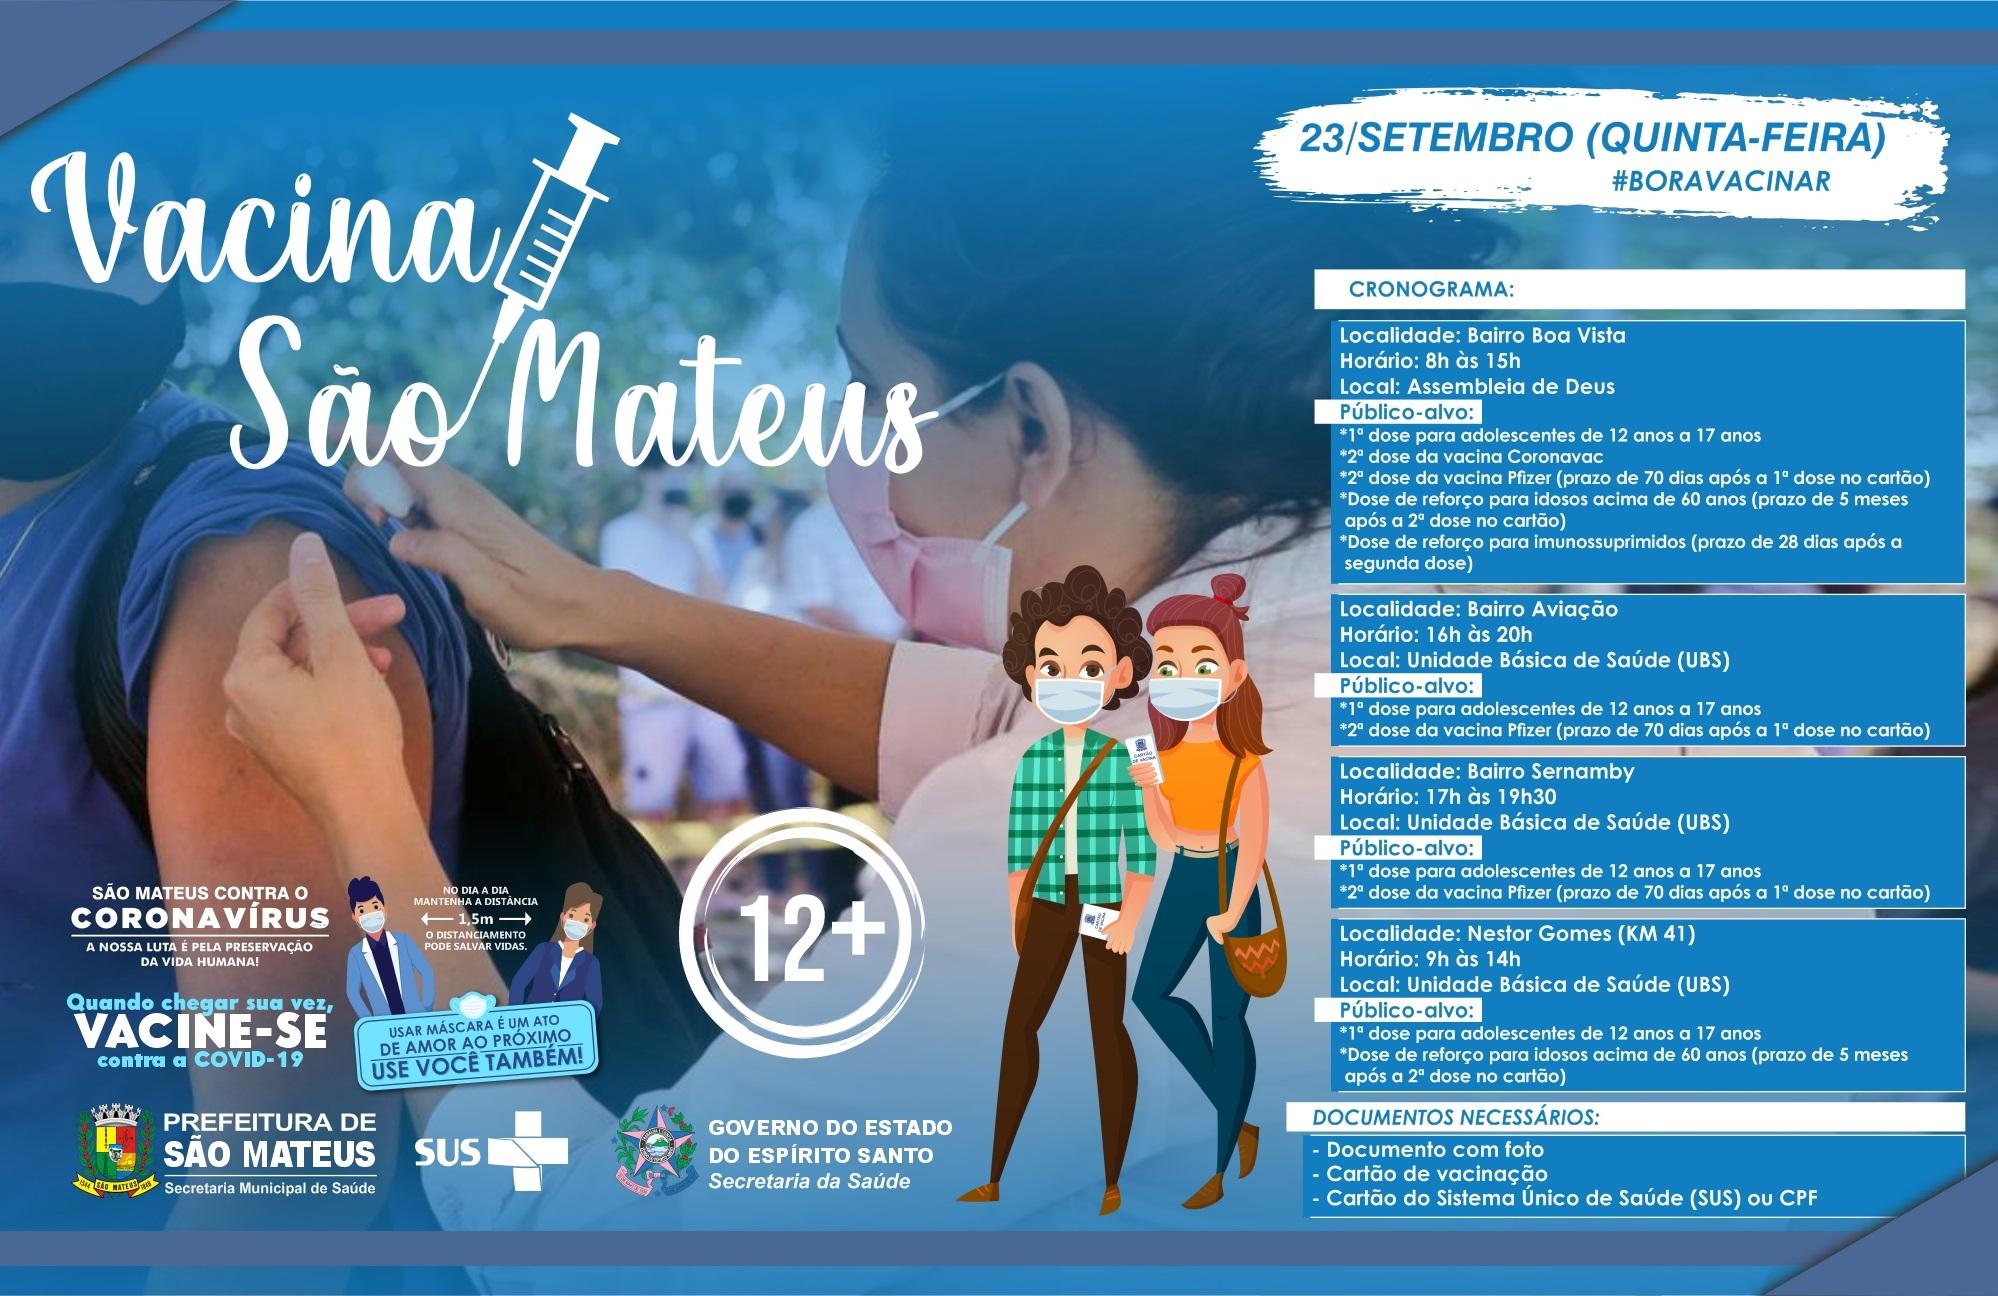 NESTA QUINTA-FEIRA (23) TEM VACINAÇÃO CONTRA COVID EM NESTOR GOMES (KM 41) E NOS BAIRROS: BOA VISTA, SERNAMBY E AVIAÇÃO